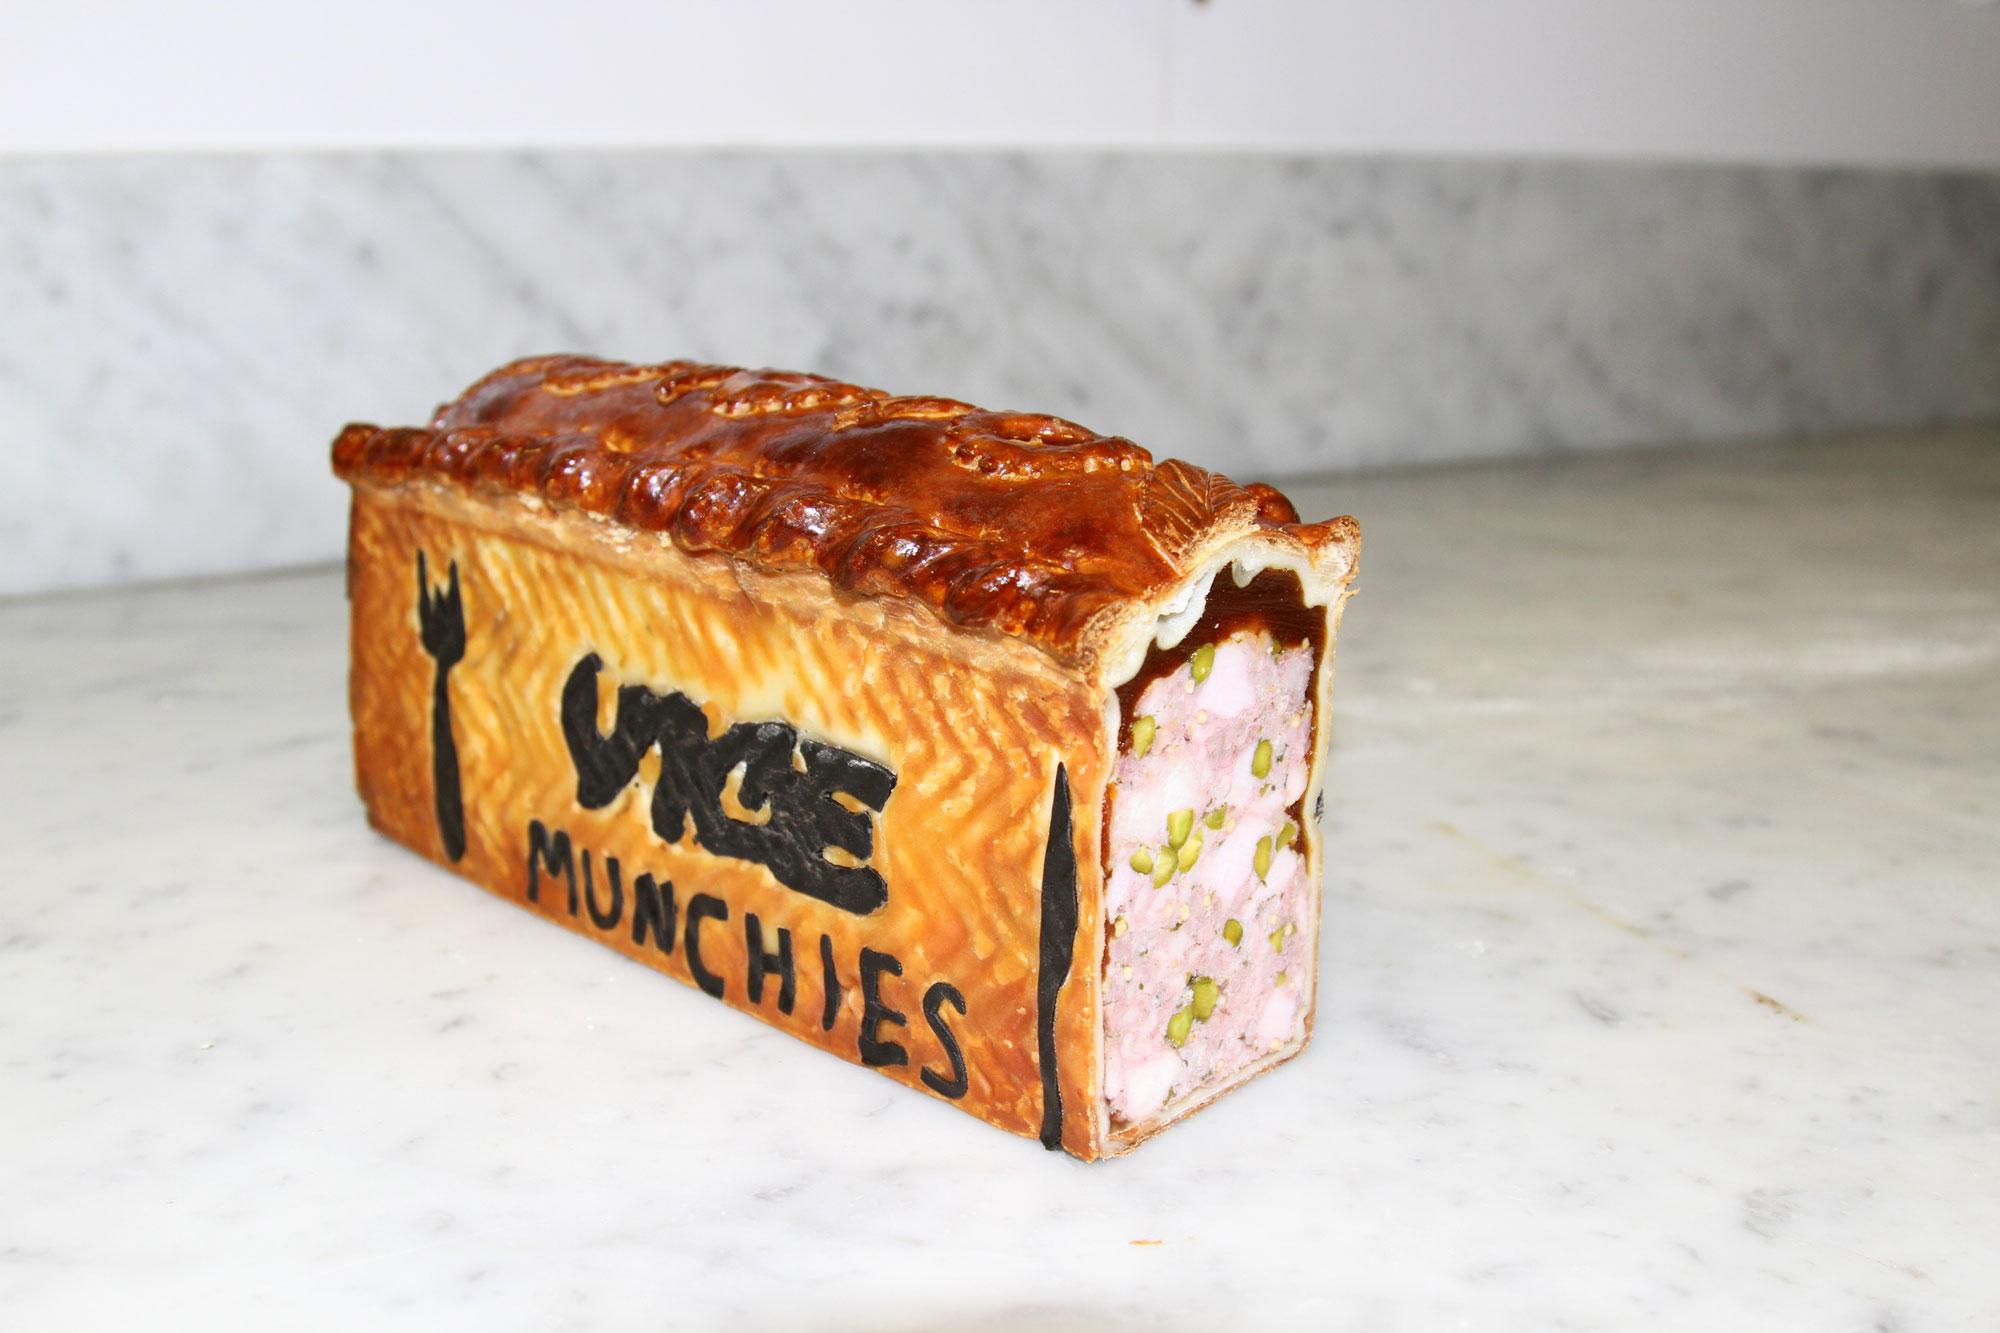 munchies-pate-en-croute